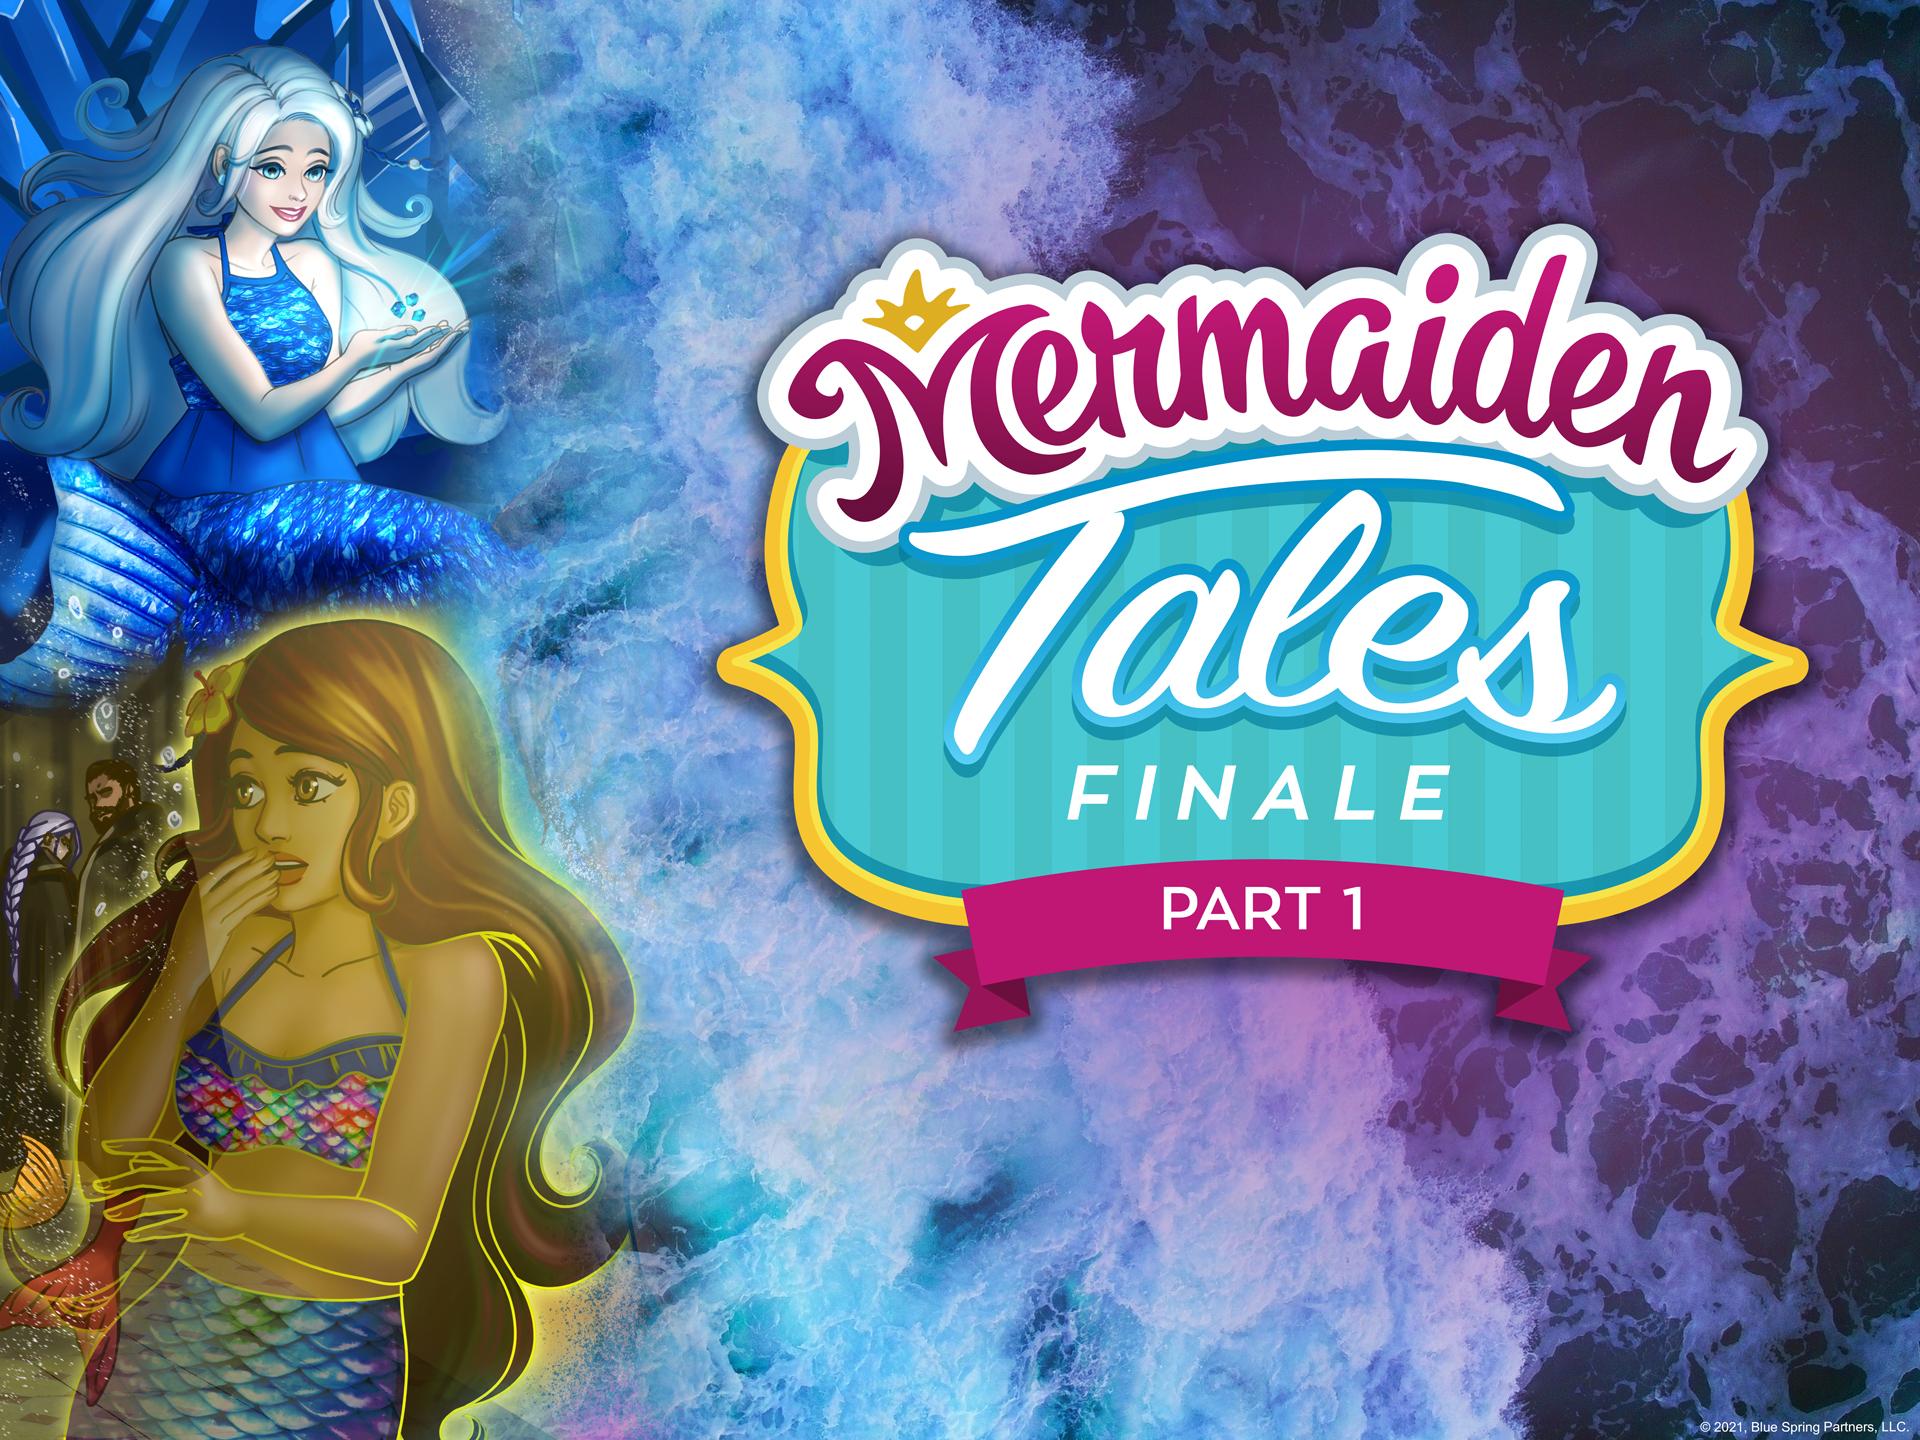 mermaiden crystal and mermaiden serena in the mermaiden tales finale